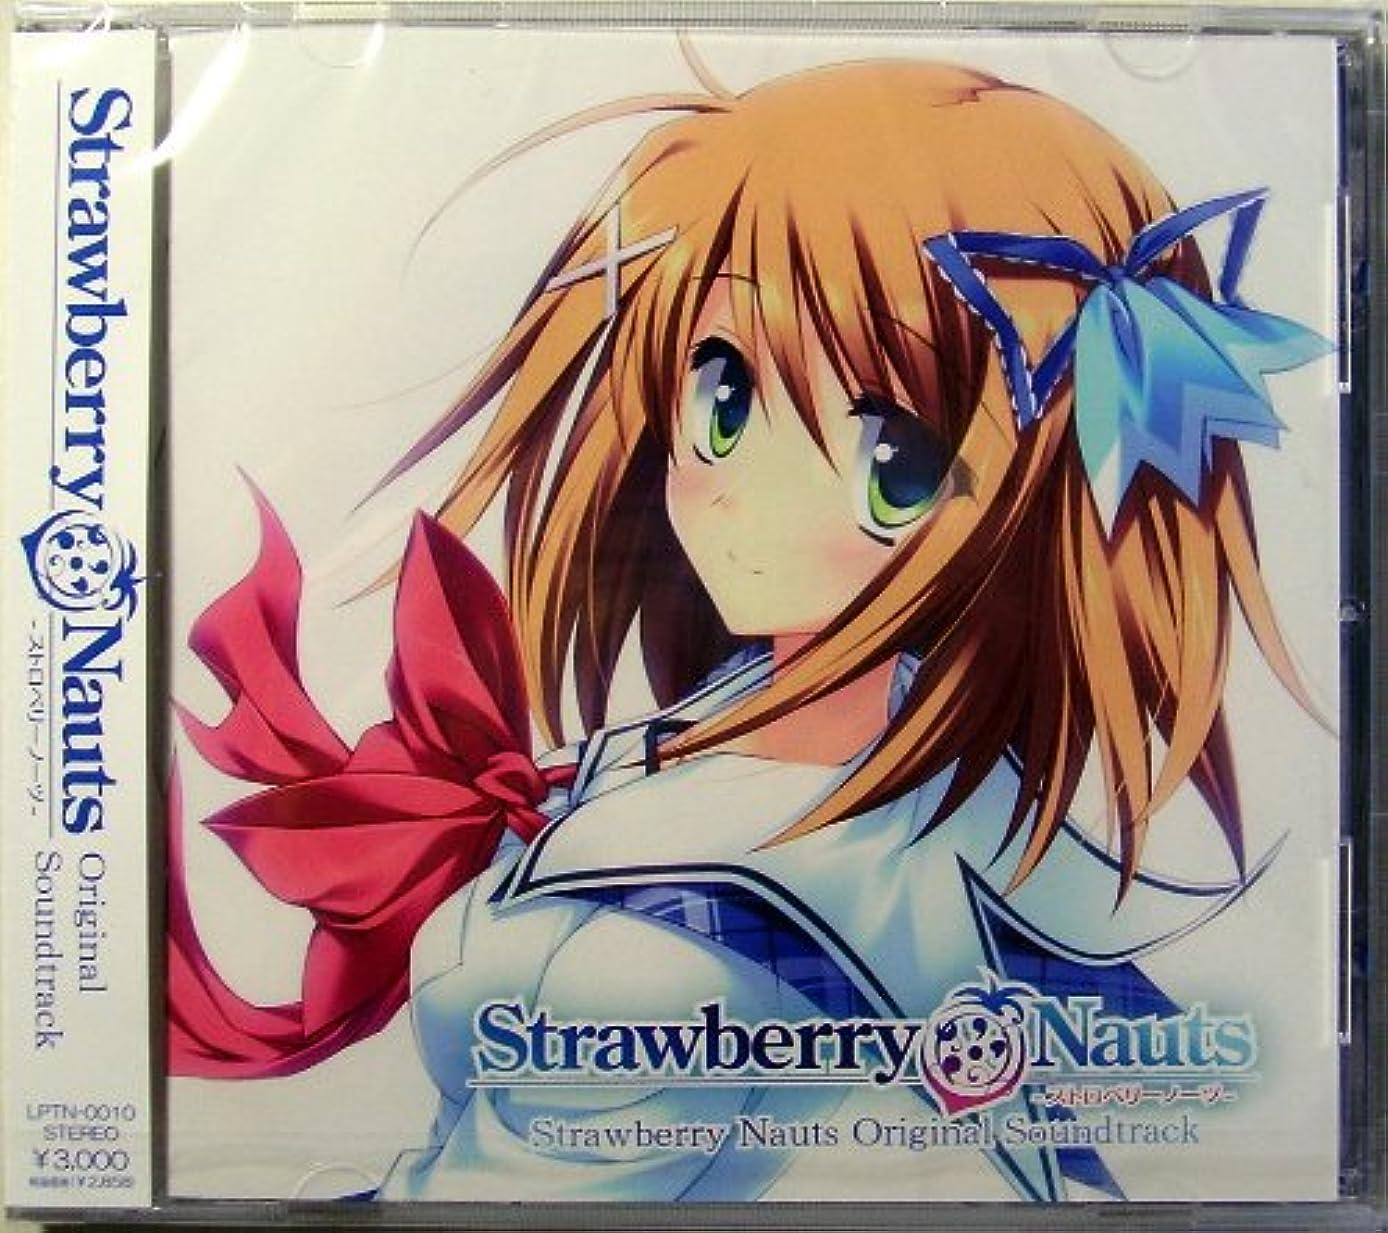 はげ卒業開梱Strawberry Nauts Original Soundtrack